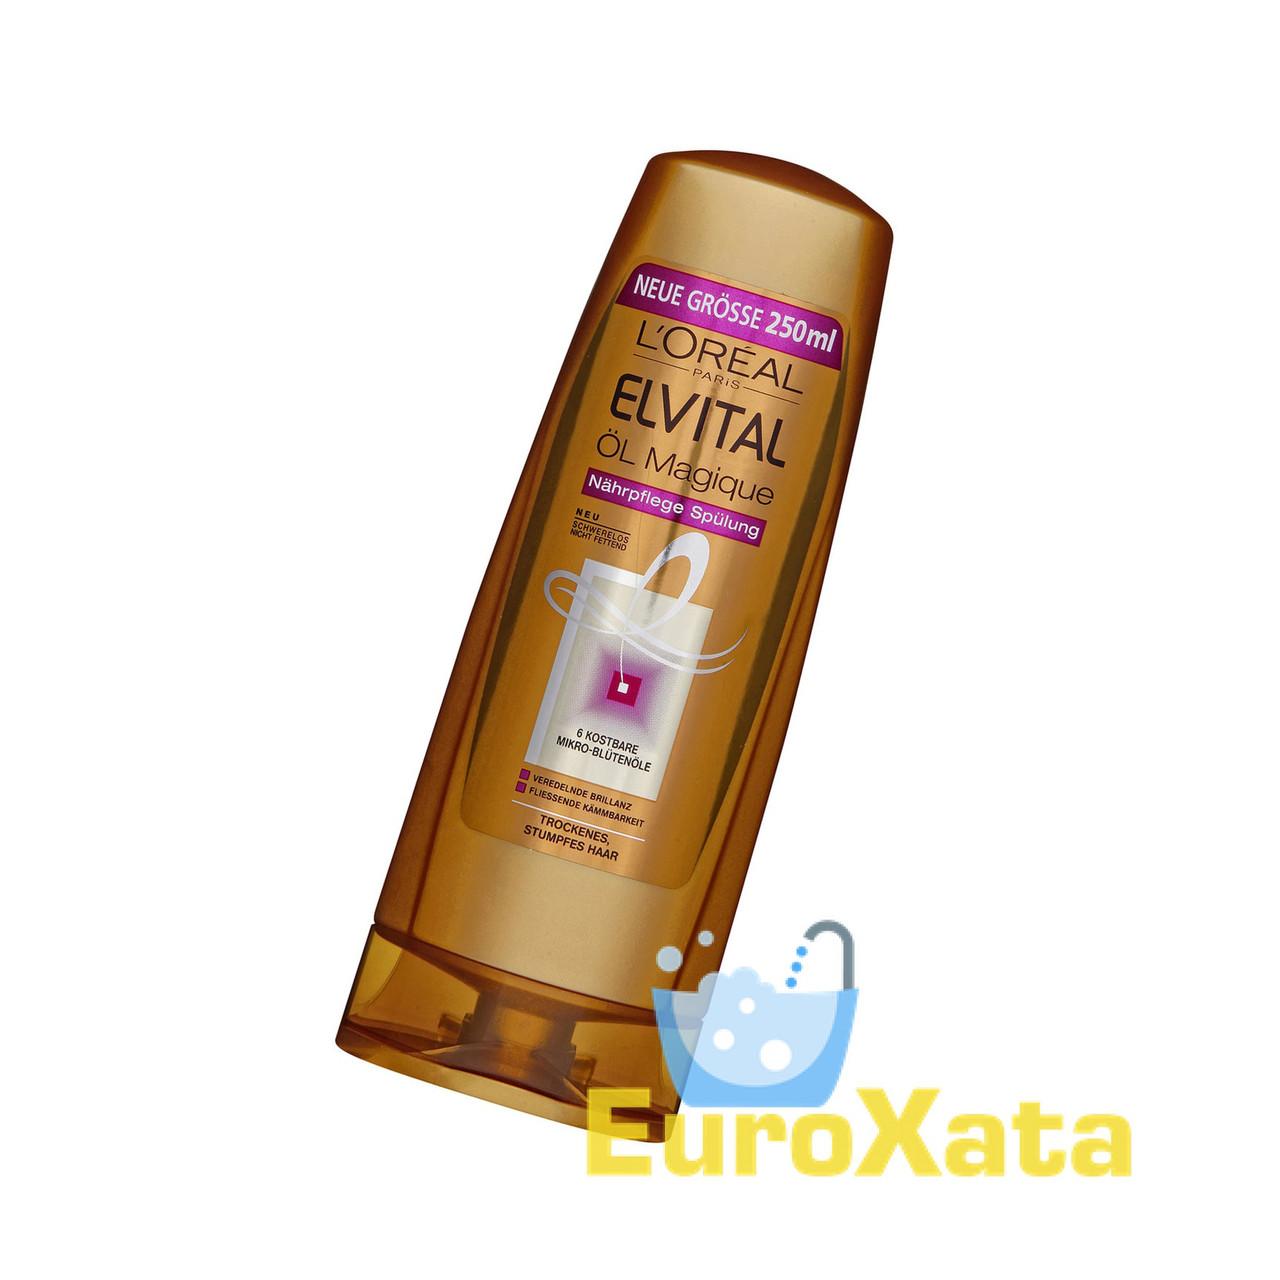 Бальзам - кондиционер L'Oreal Paris Elvital OL Magique для сухих и тусклых волос 200 мл (Германия)